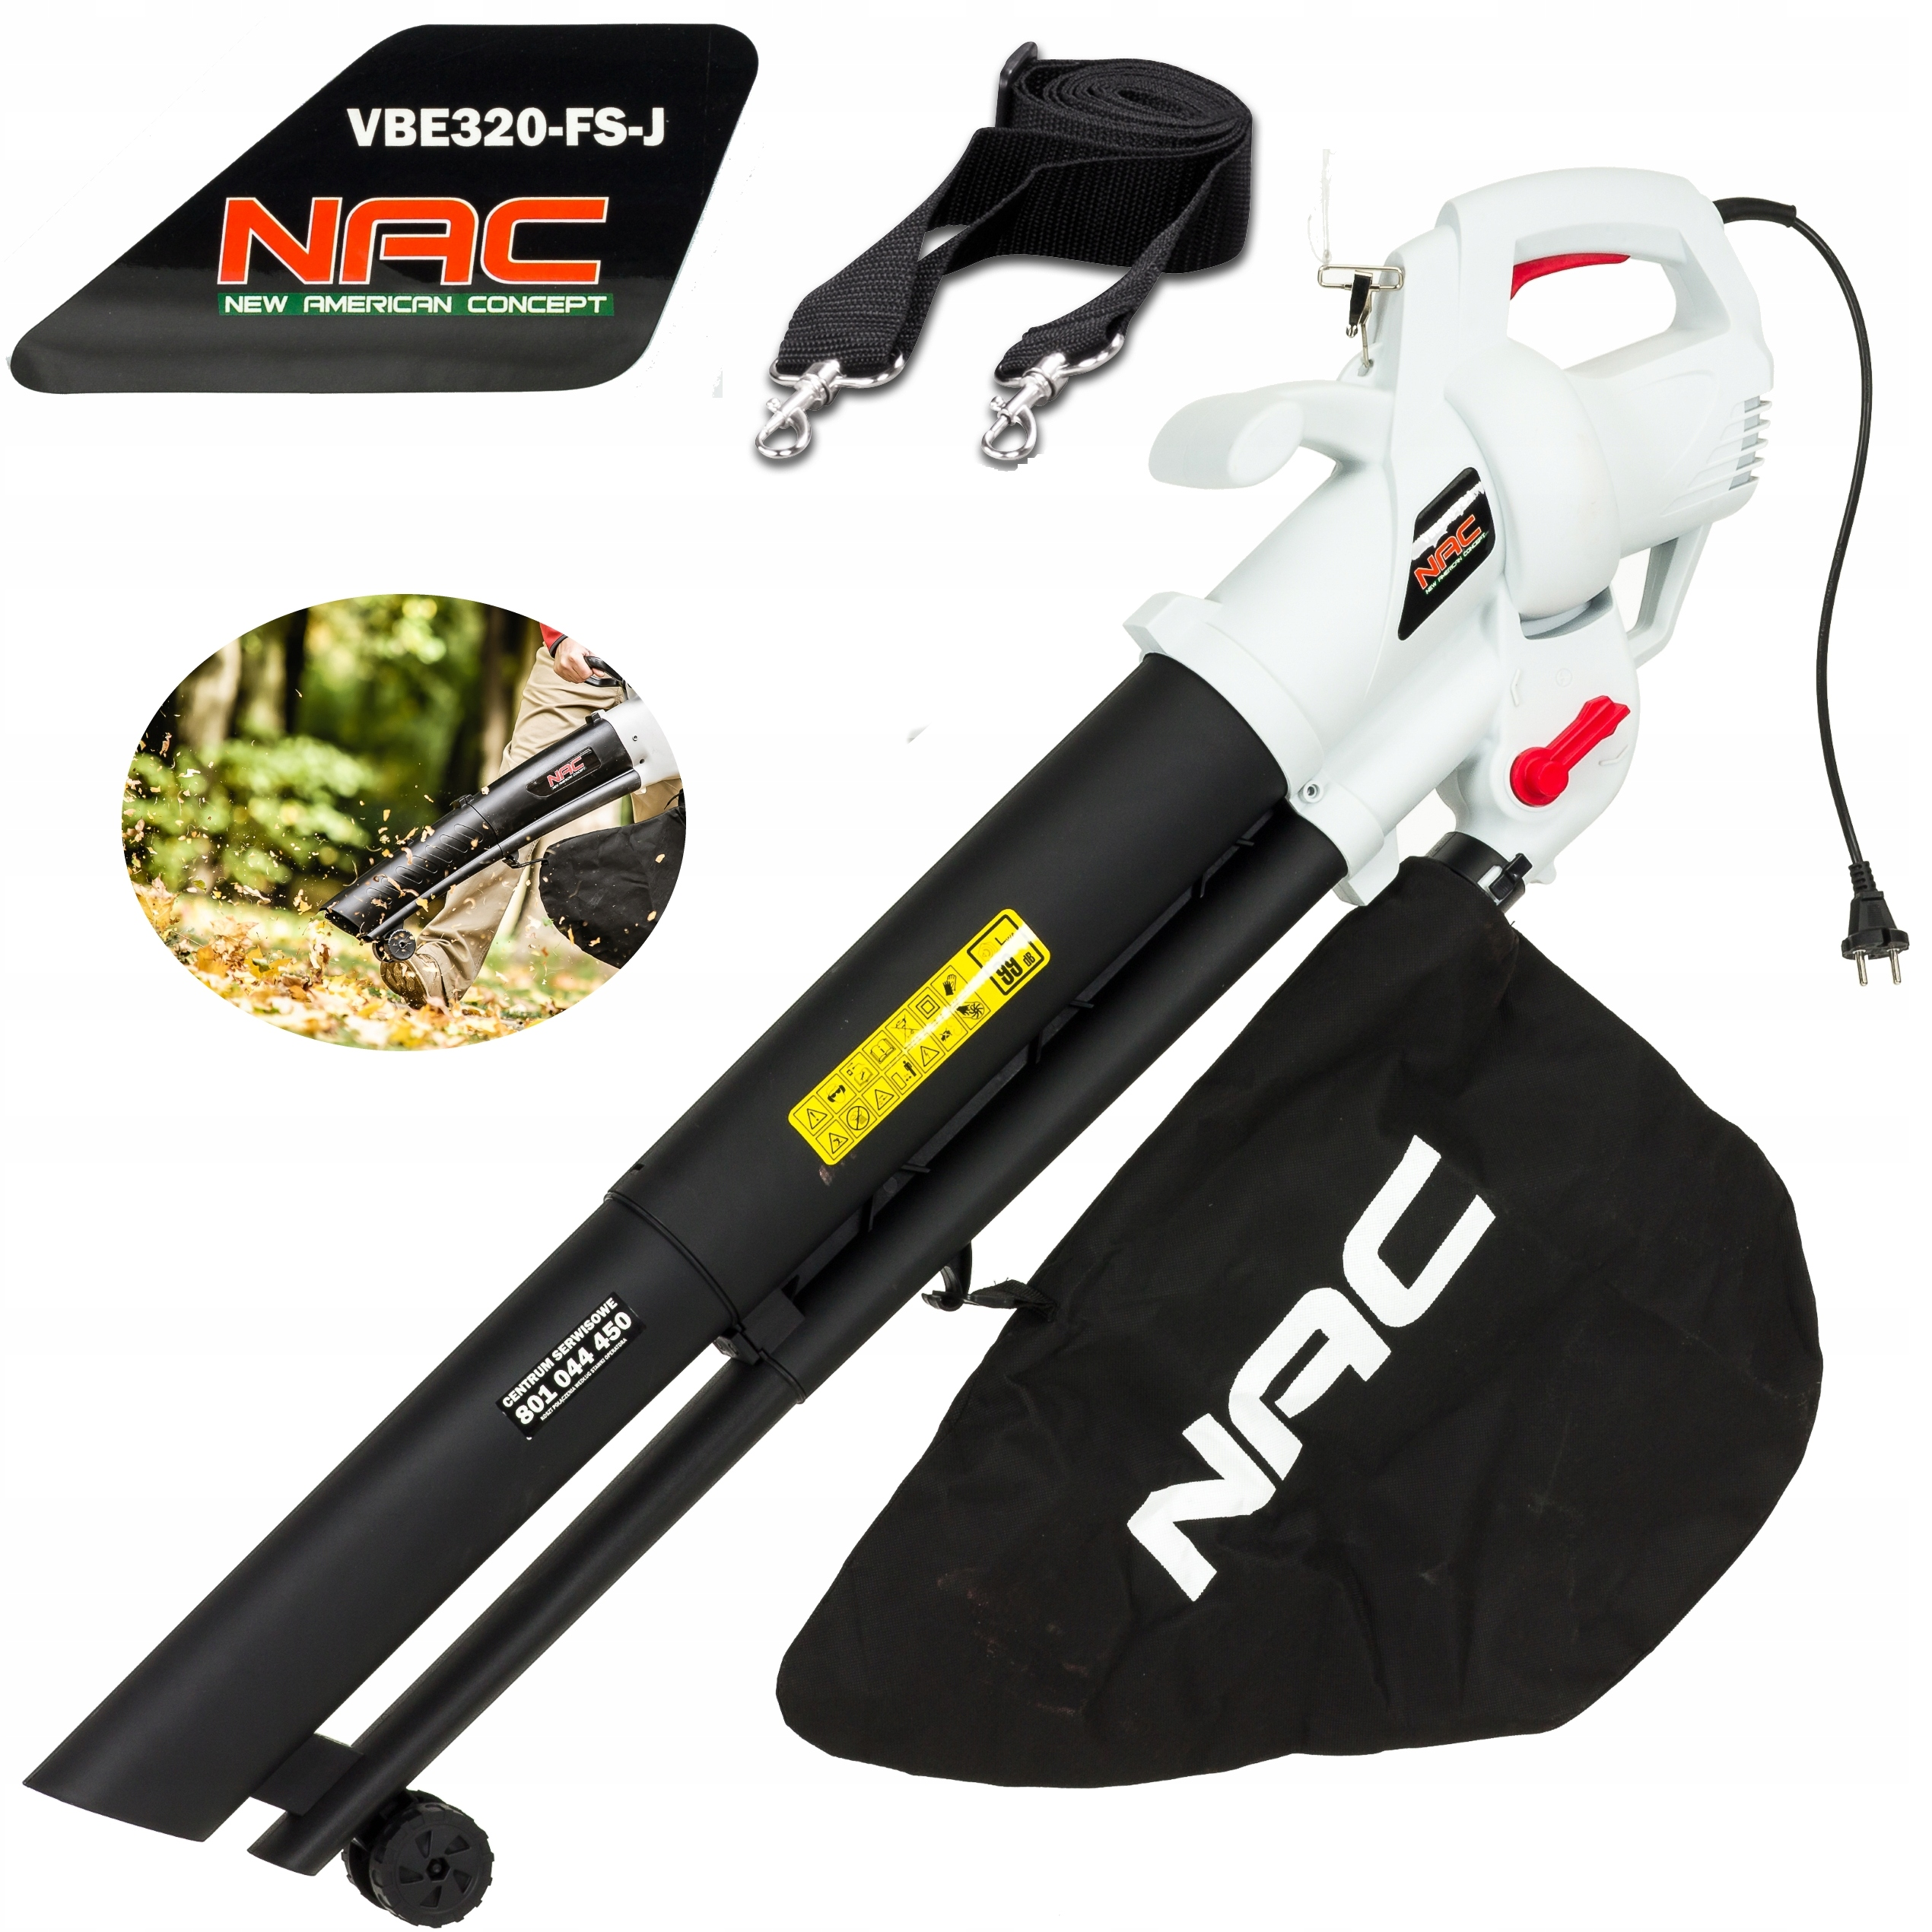 Садовый пылесос Leaf blower NAC 3200W 2in1